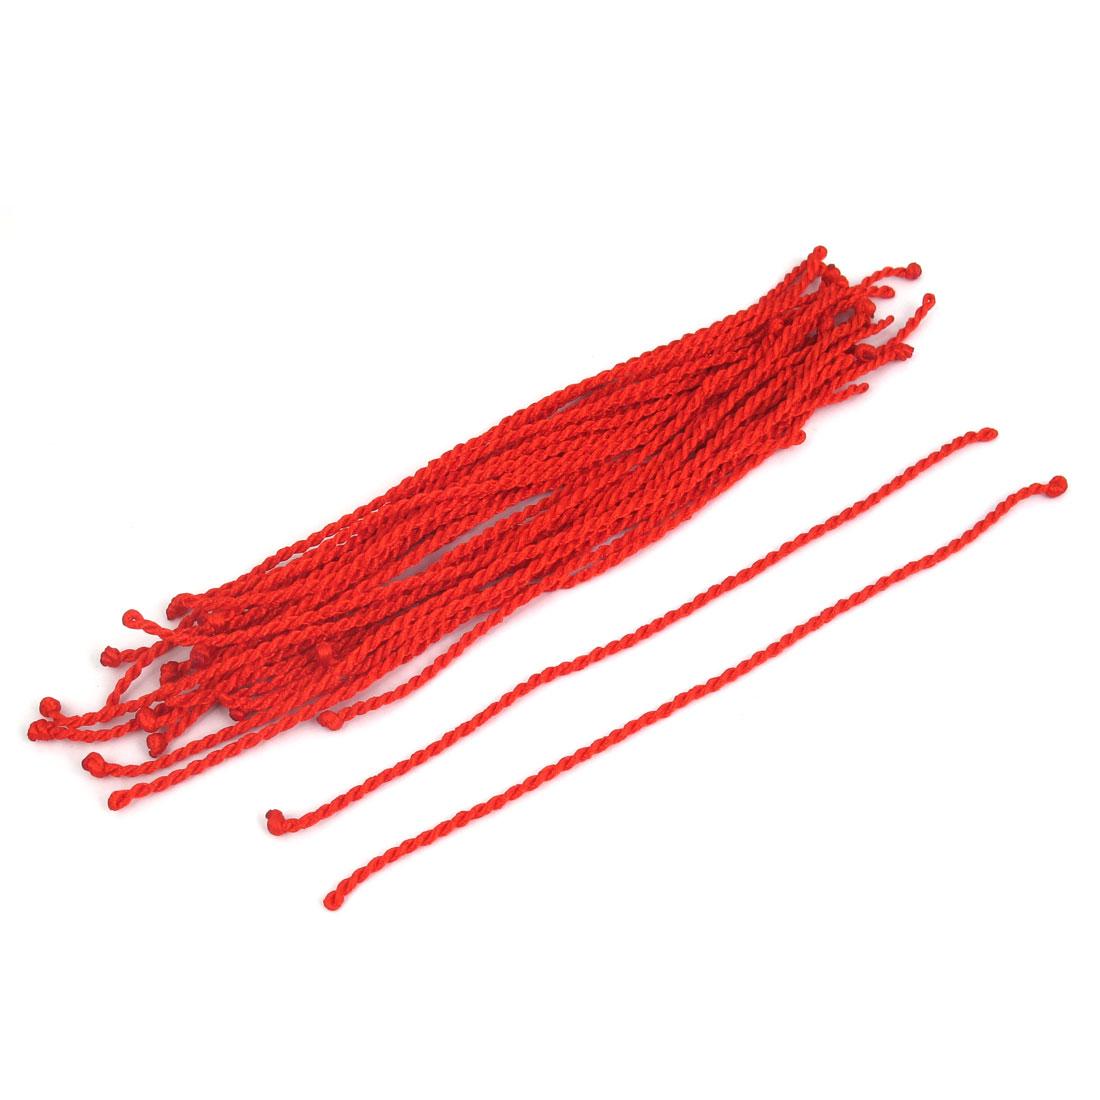 Red Nylon Lucky Handmade Braided String Wrist Bracelet Bangle Rope 30pcs